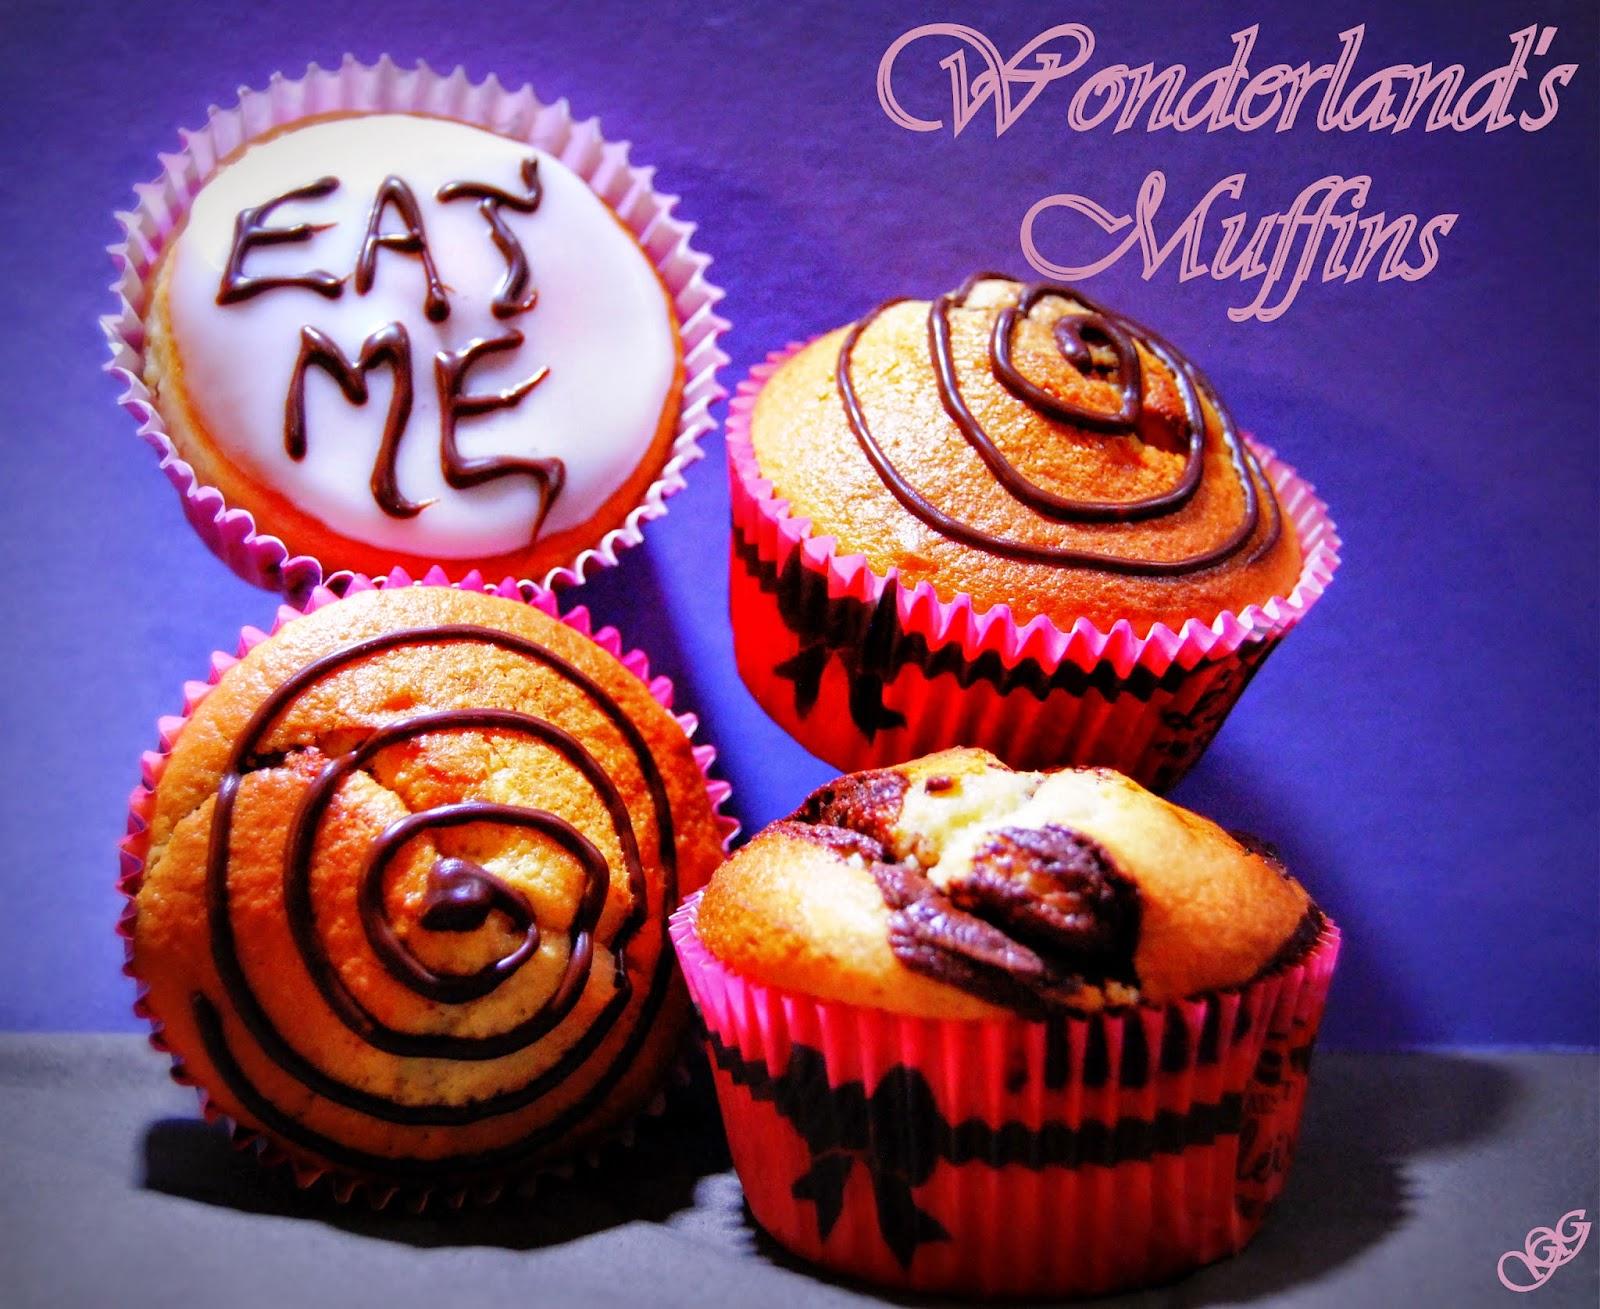 Wonderland's Muffins